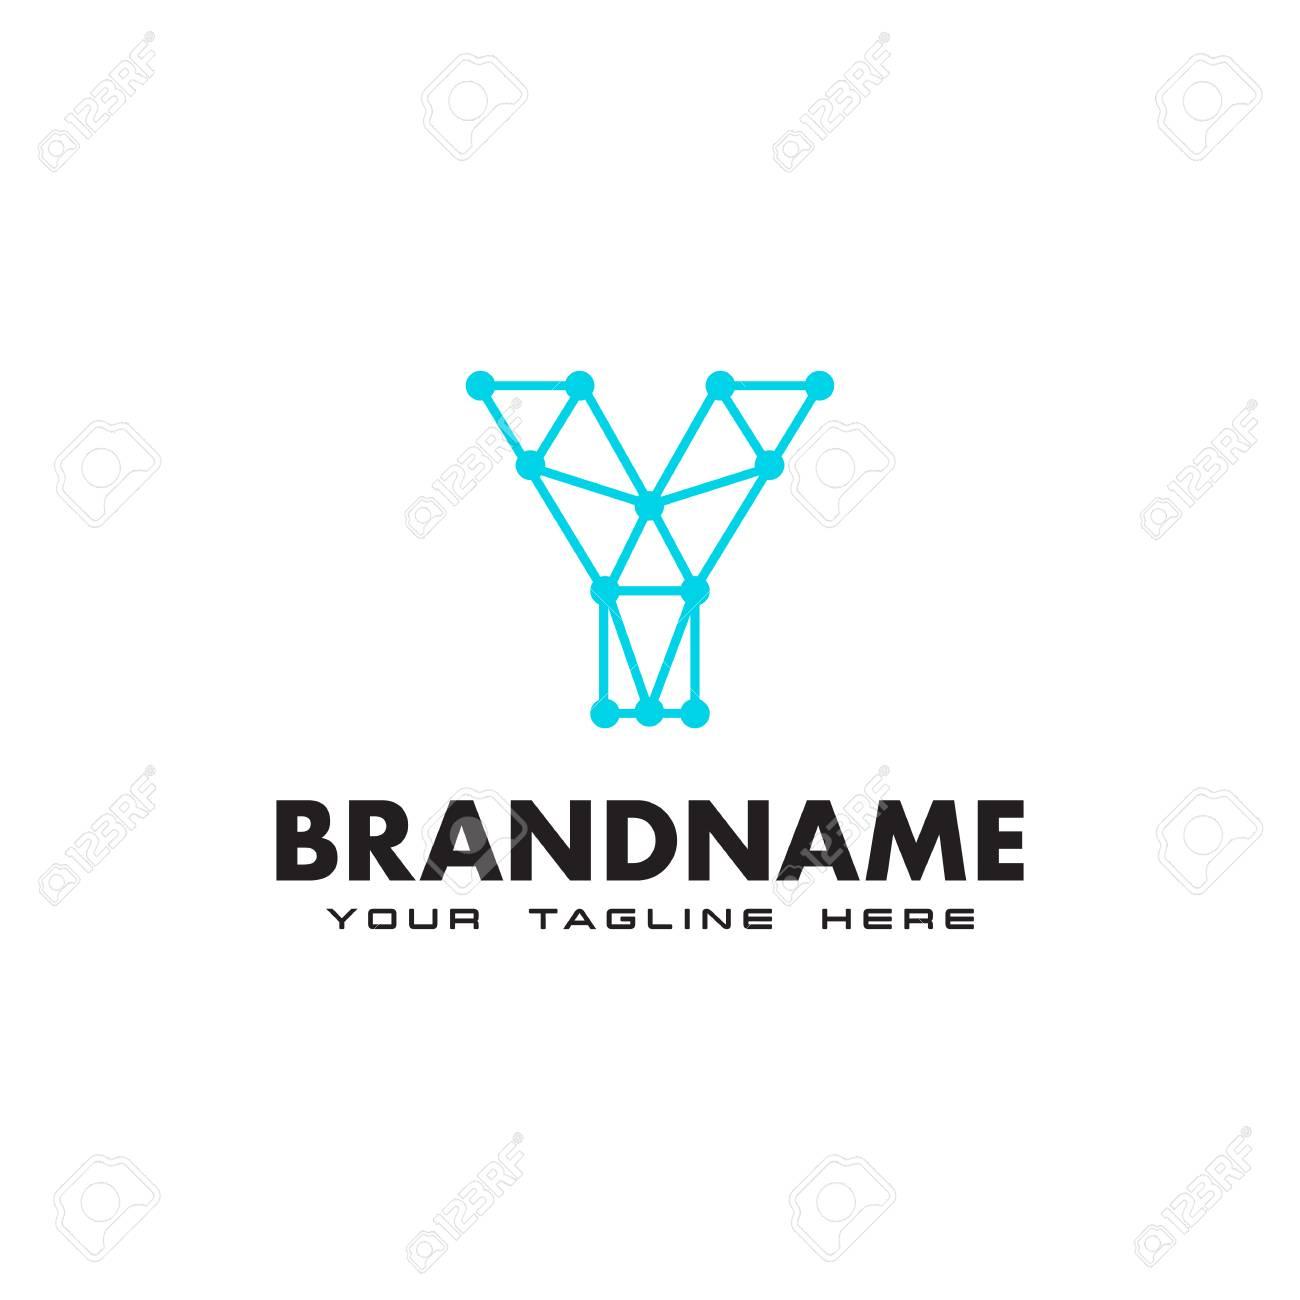 Letter y dot network connection logo design template royalty free letter y dot network connection logo design template stock vector 106812187 maxwellsz